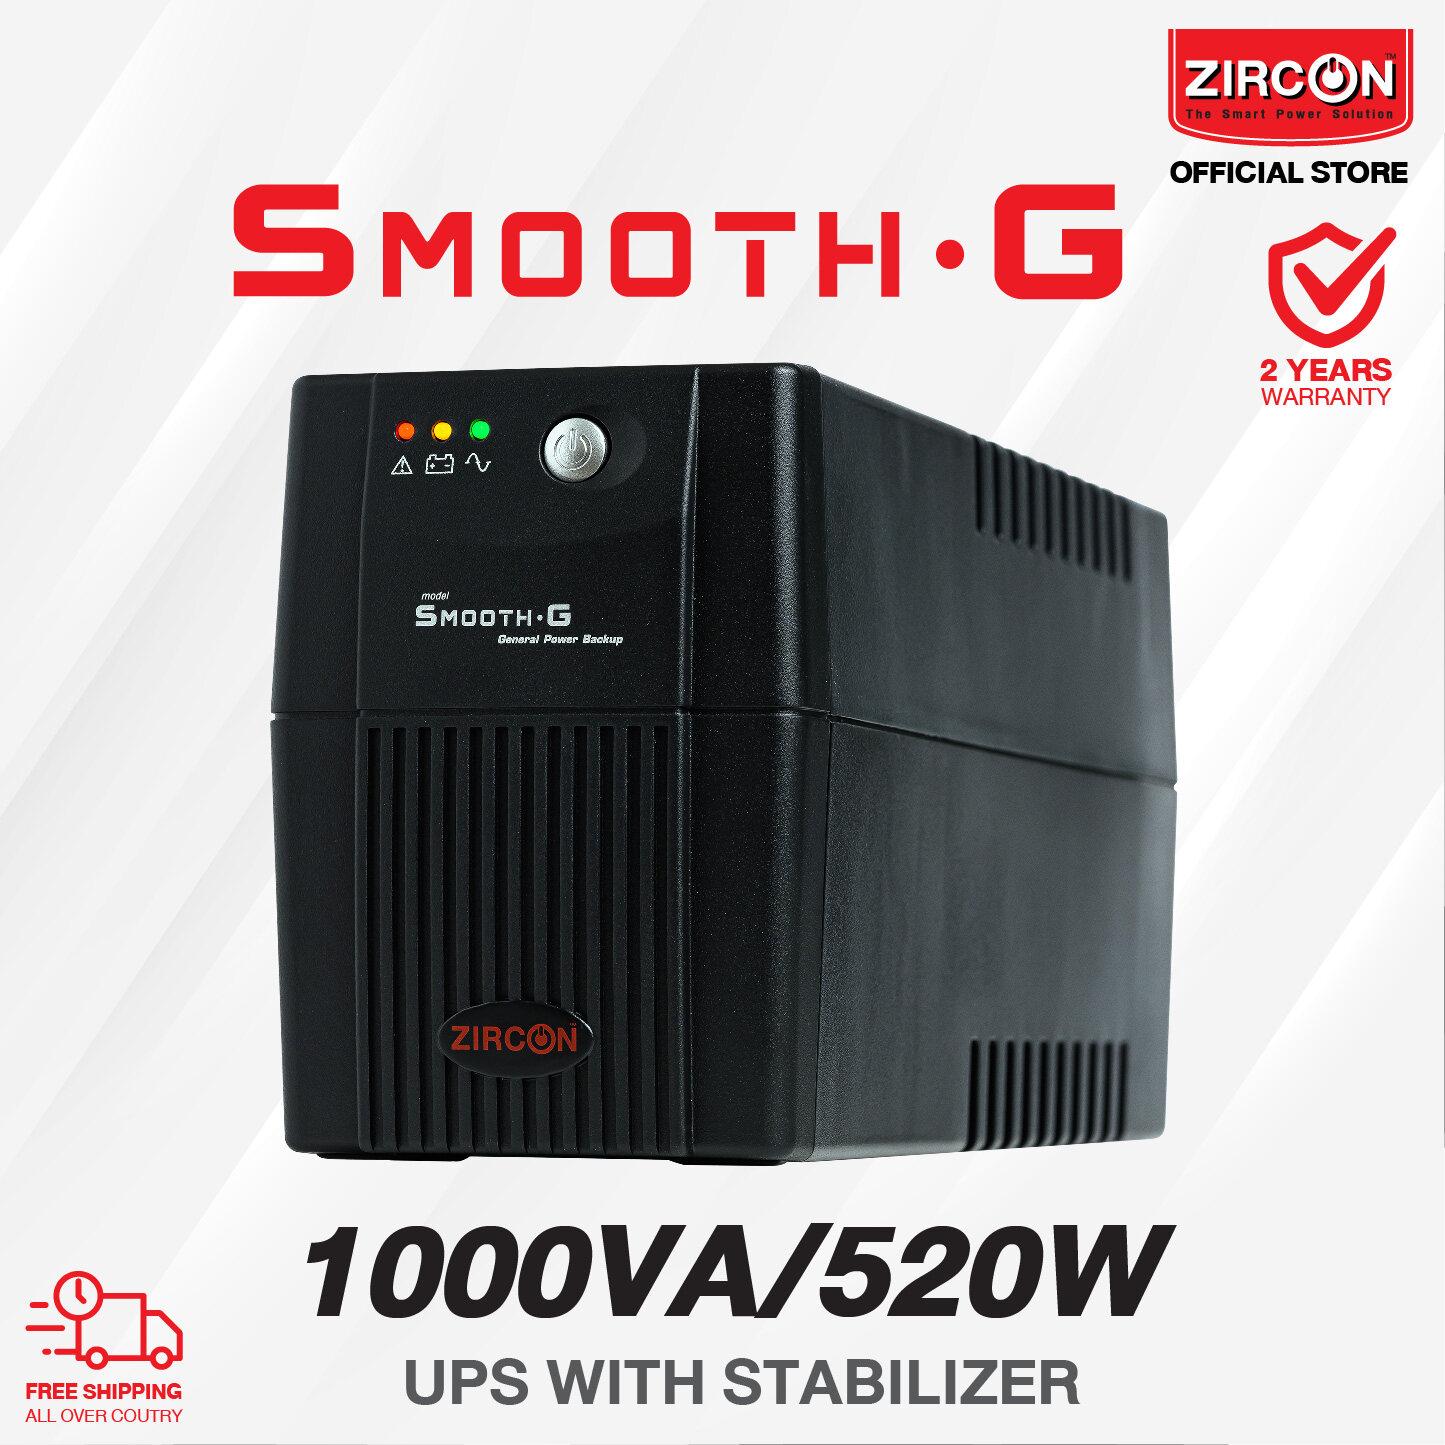 Smooth-G 1000va/520w Ups By Zircon ราคาสบายกระเป๋า สั่งซื้อผ่านทาง Official Store มั่นใจในคุณภาพและบริการหลังการขาย.